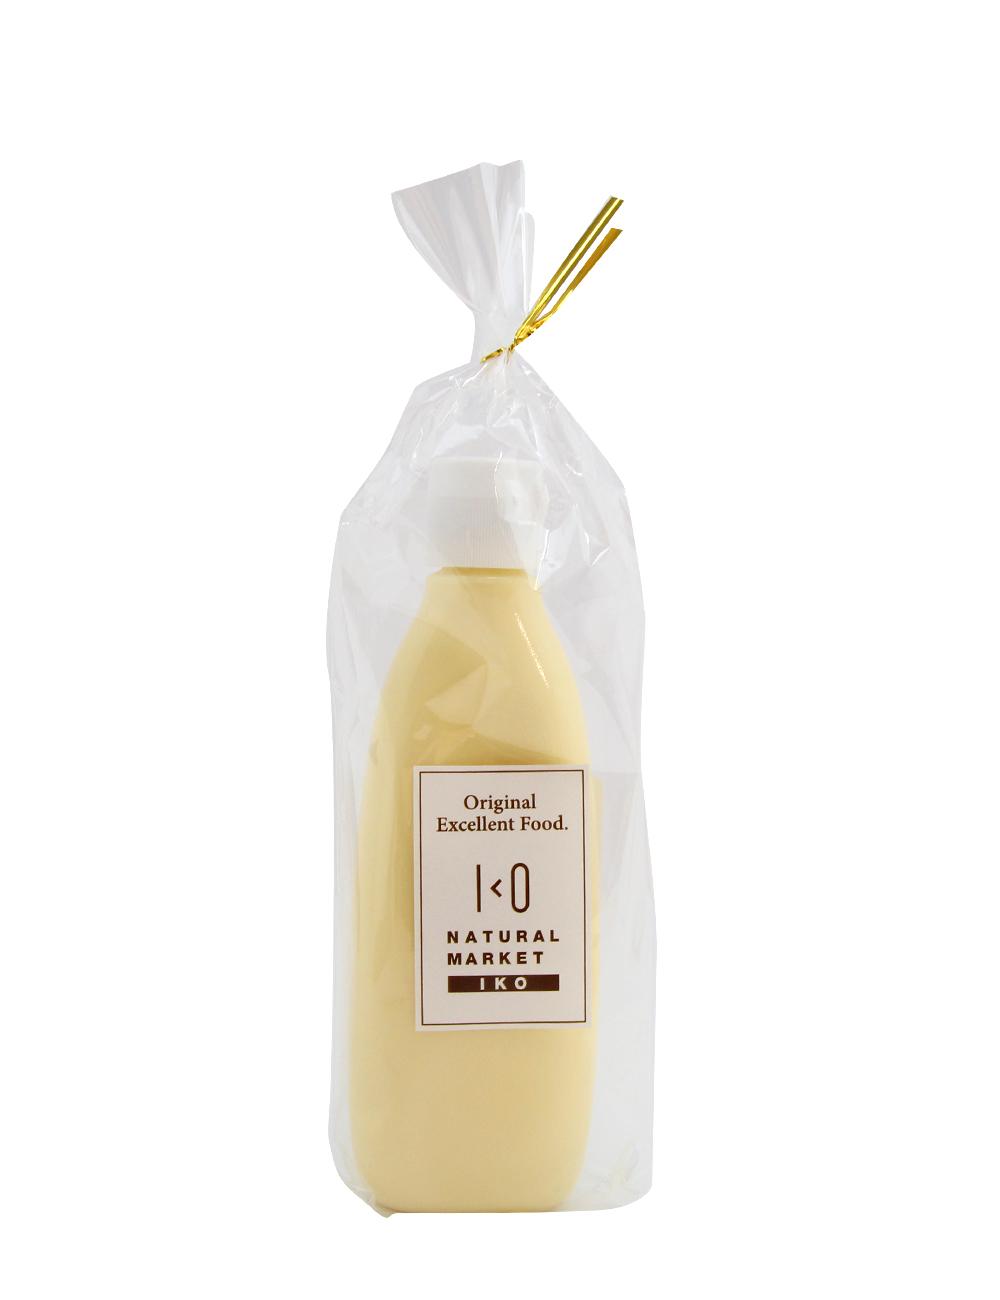 マヨネーズ IKO 食用綿実油・国産りんご酢使用